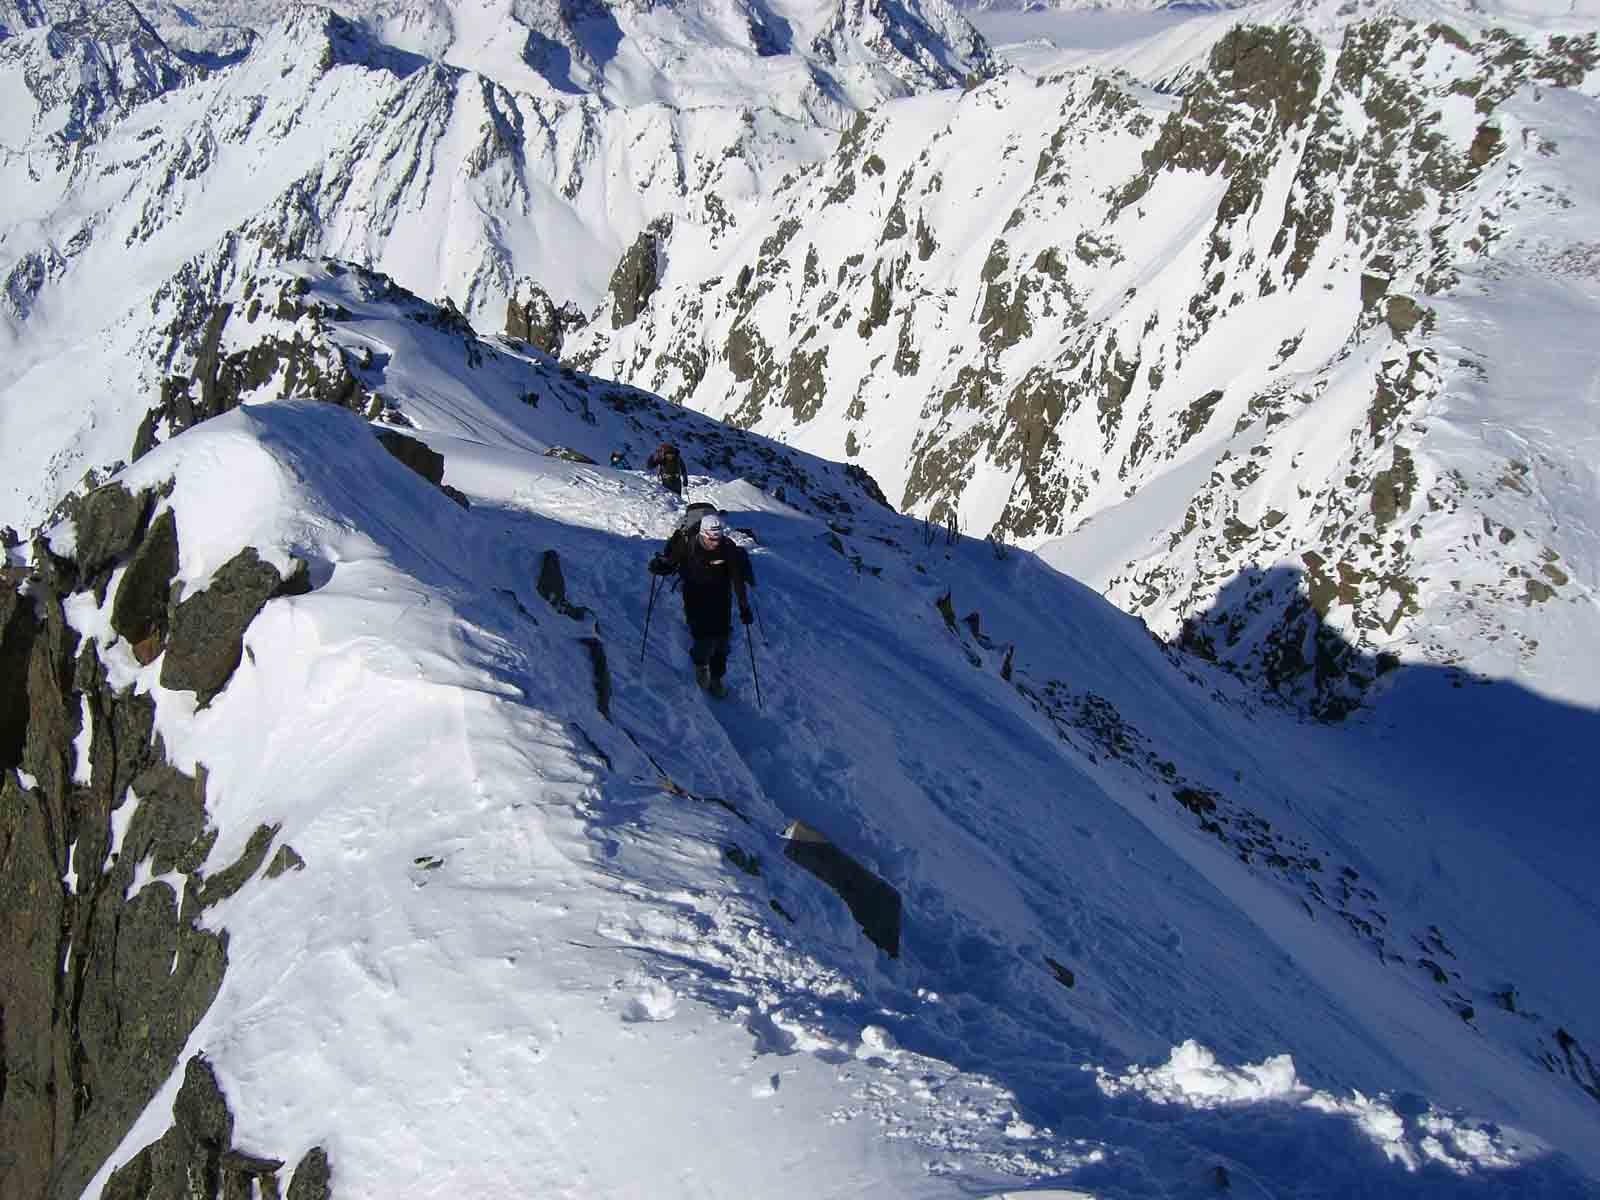 Foto: Thomas Paschinger / Skitour / Zwieselsbacher Roßkogel, 3081m / die letzten 5 Minuten vom Schidepot am einfachen Grat zum Gipfelkreuz / 07.02.2009 13:38:36